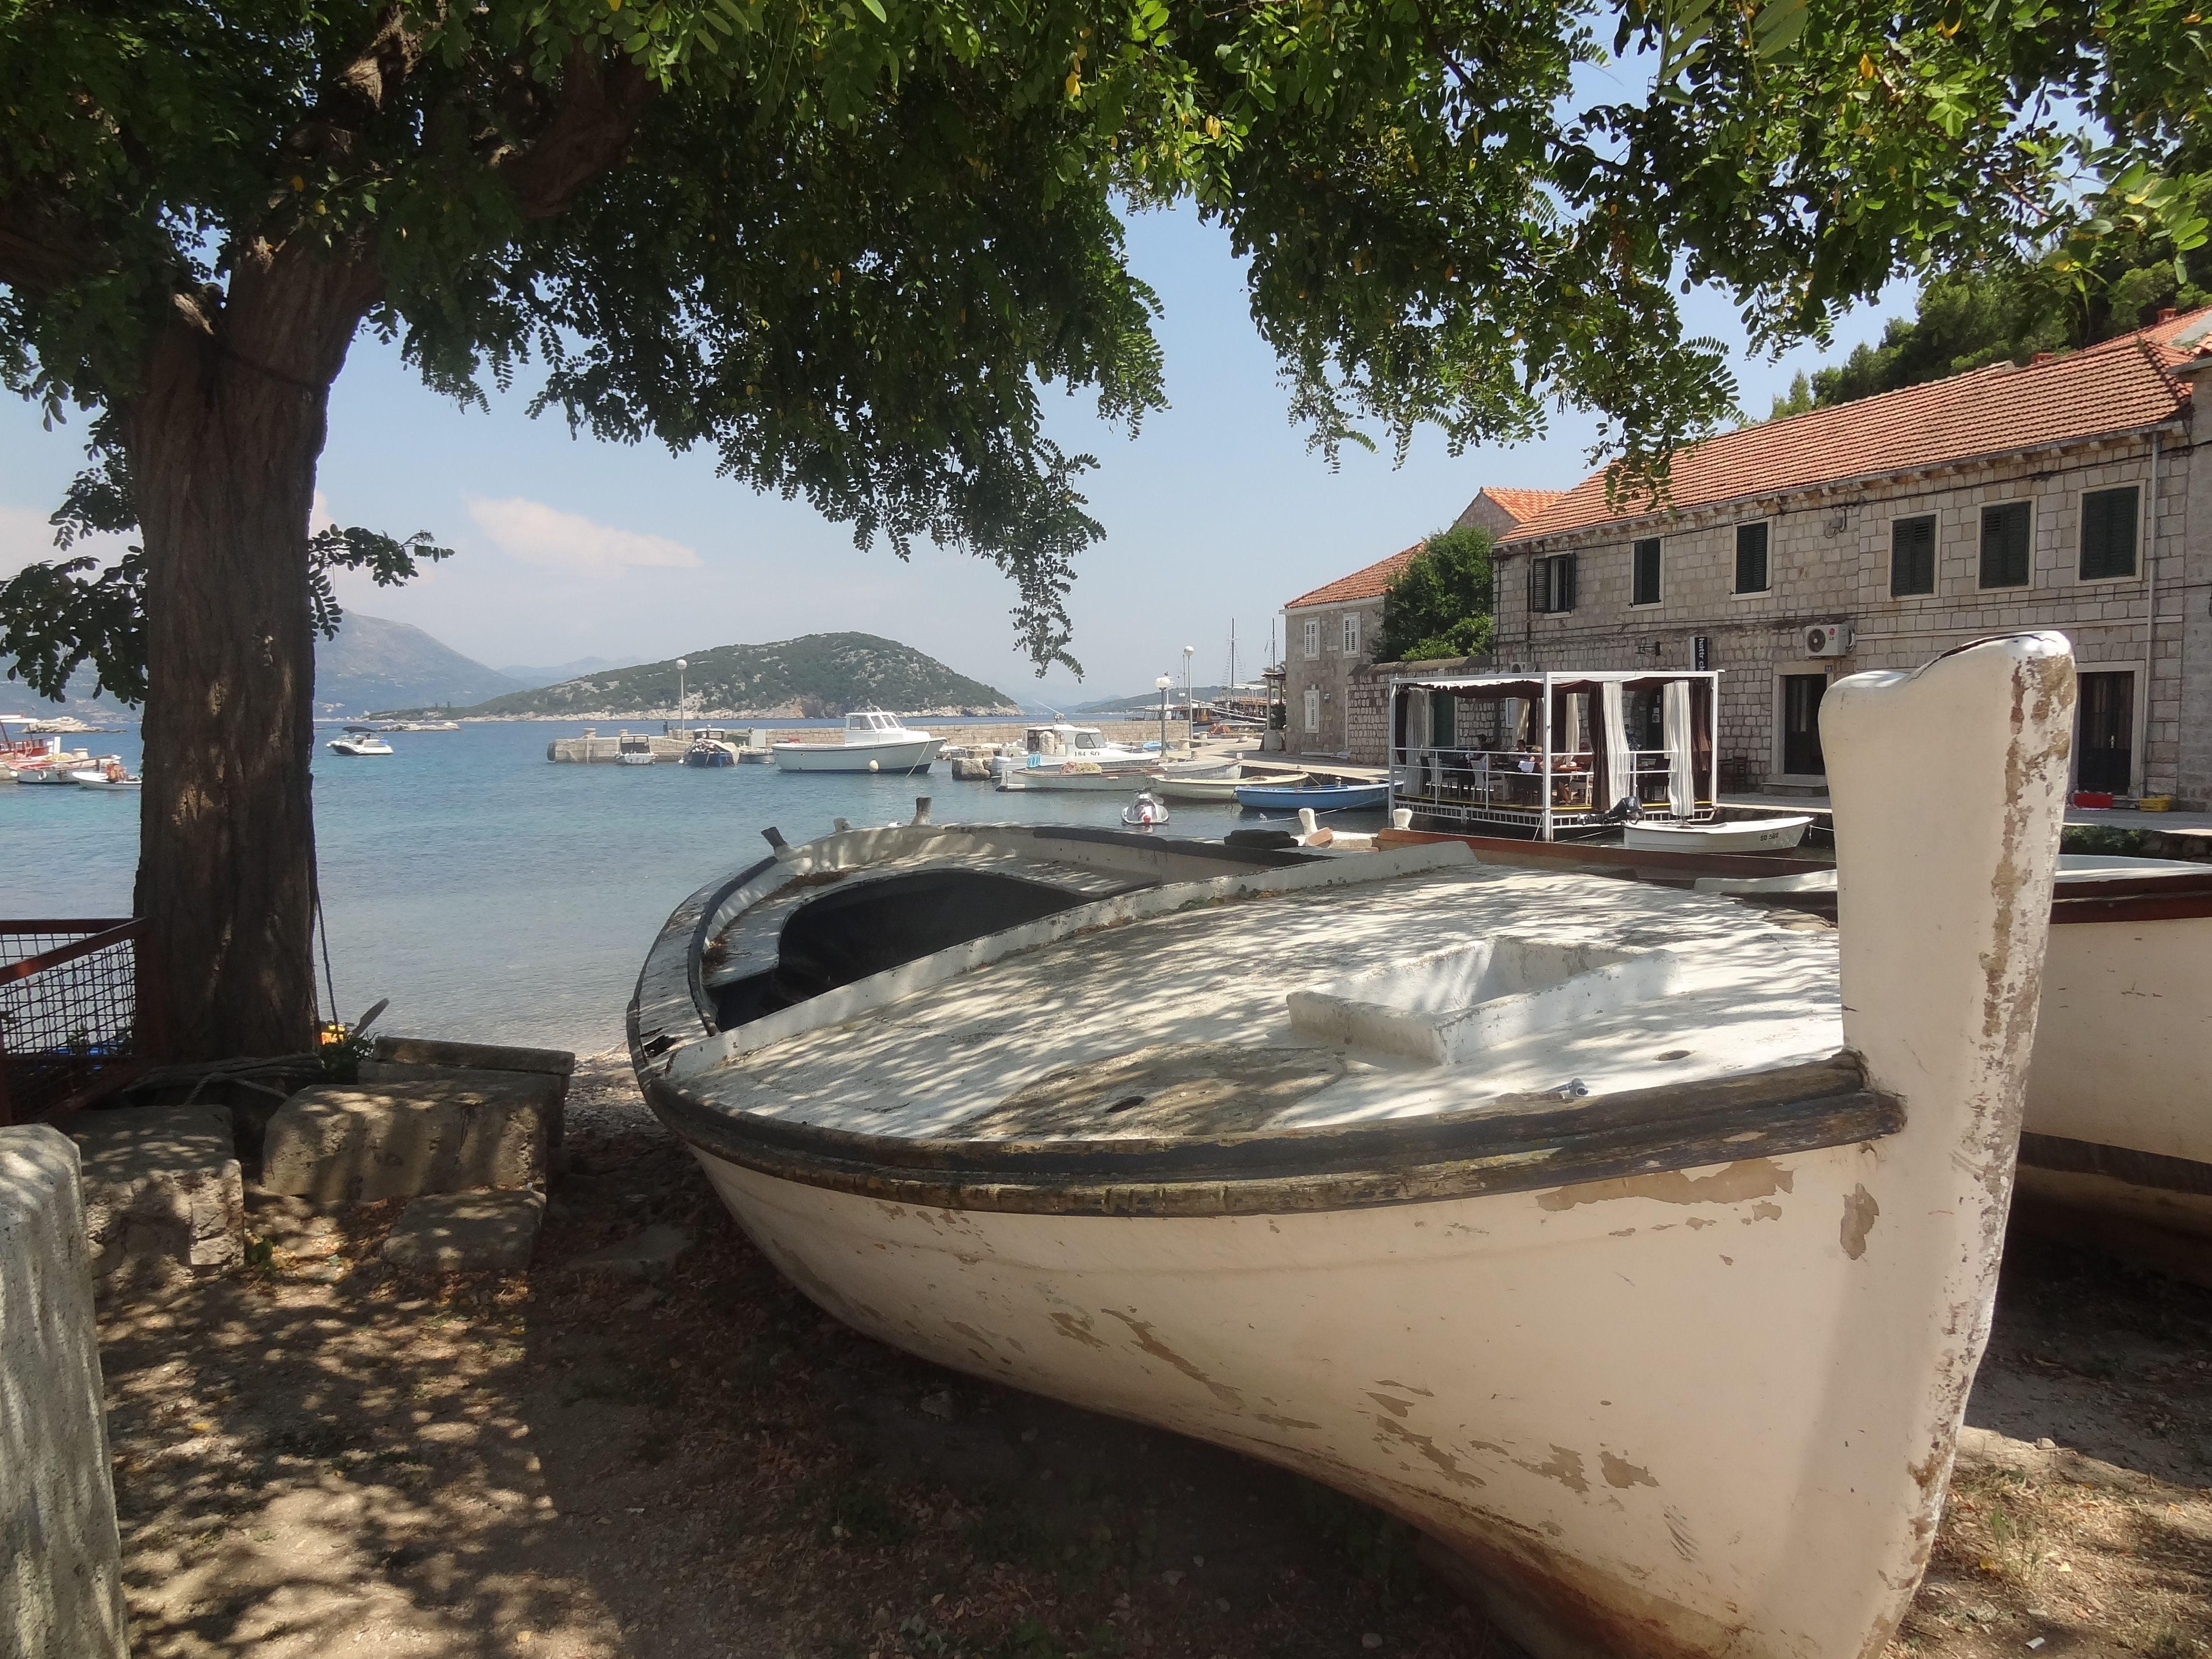 Sipan, Elafiti Islands, Croatia